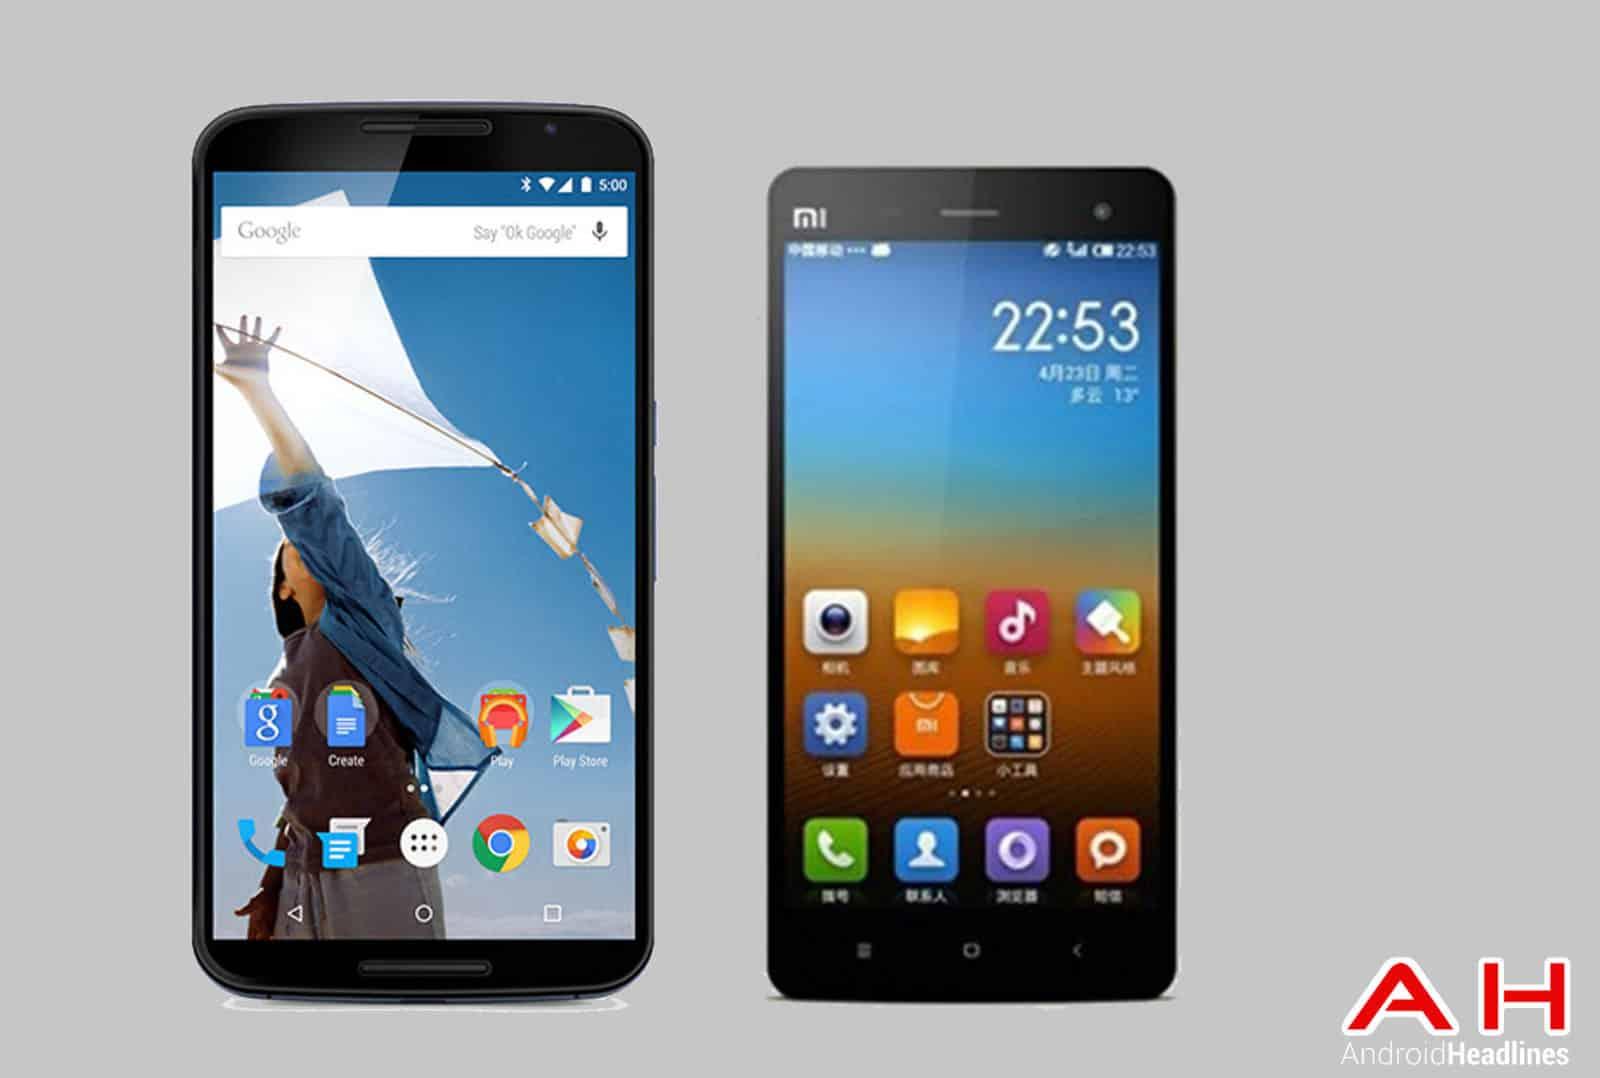 Nexus 6 vs Xiaomi Mi4 AH